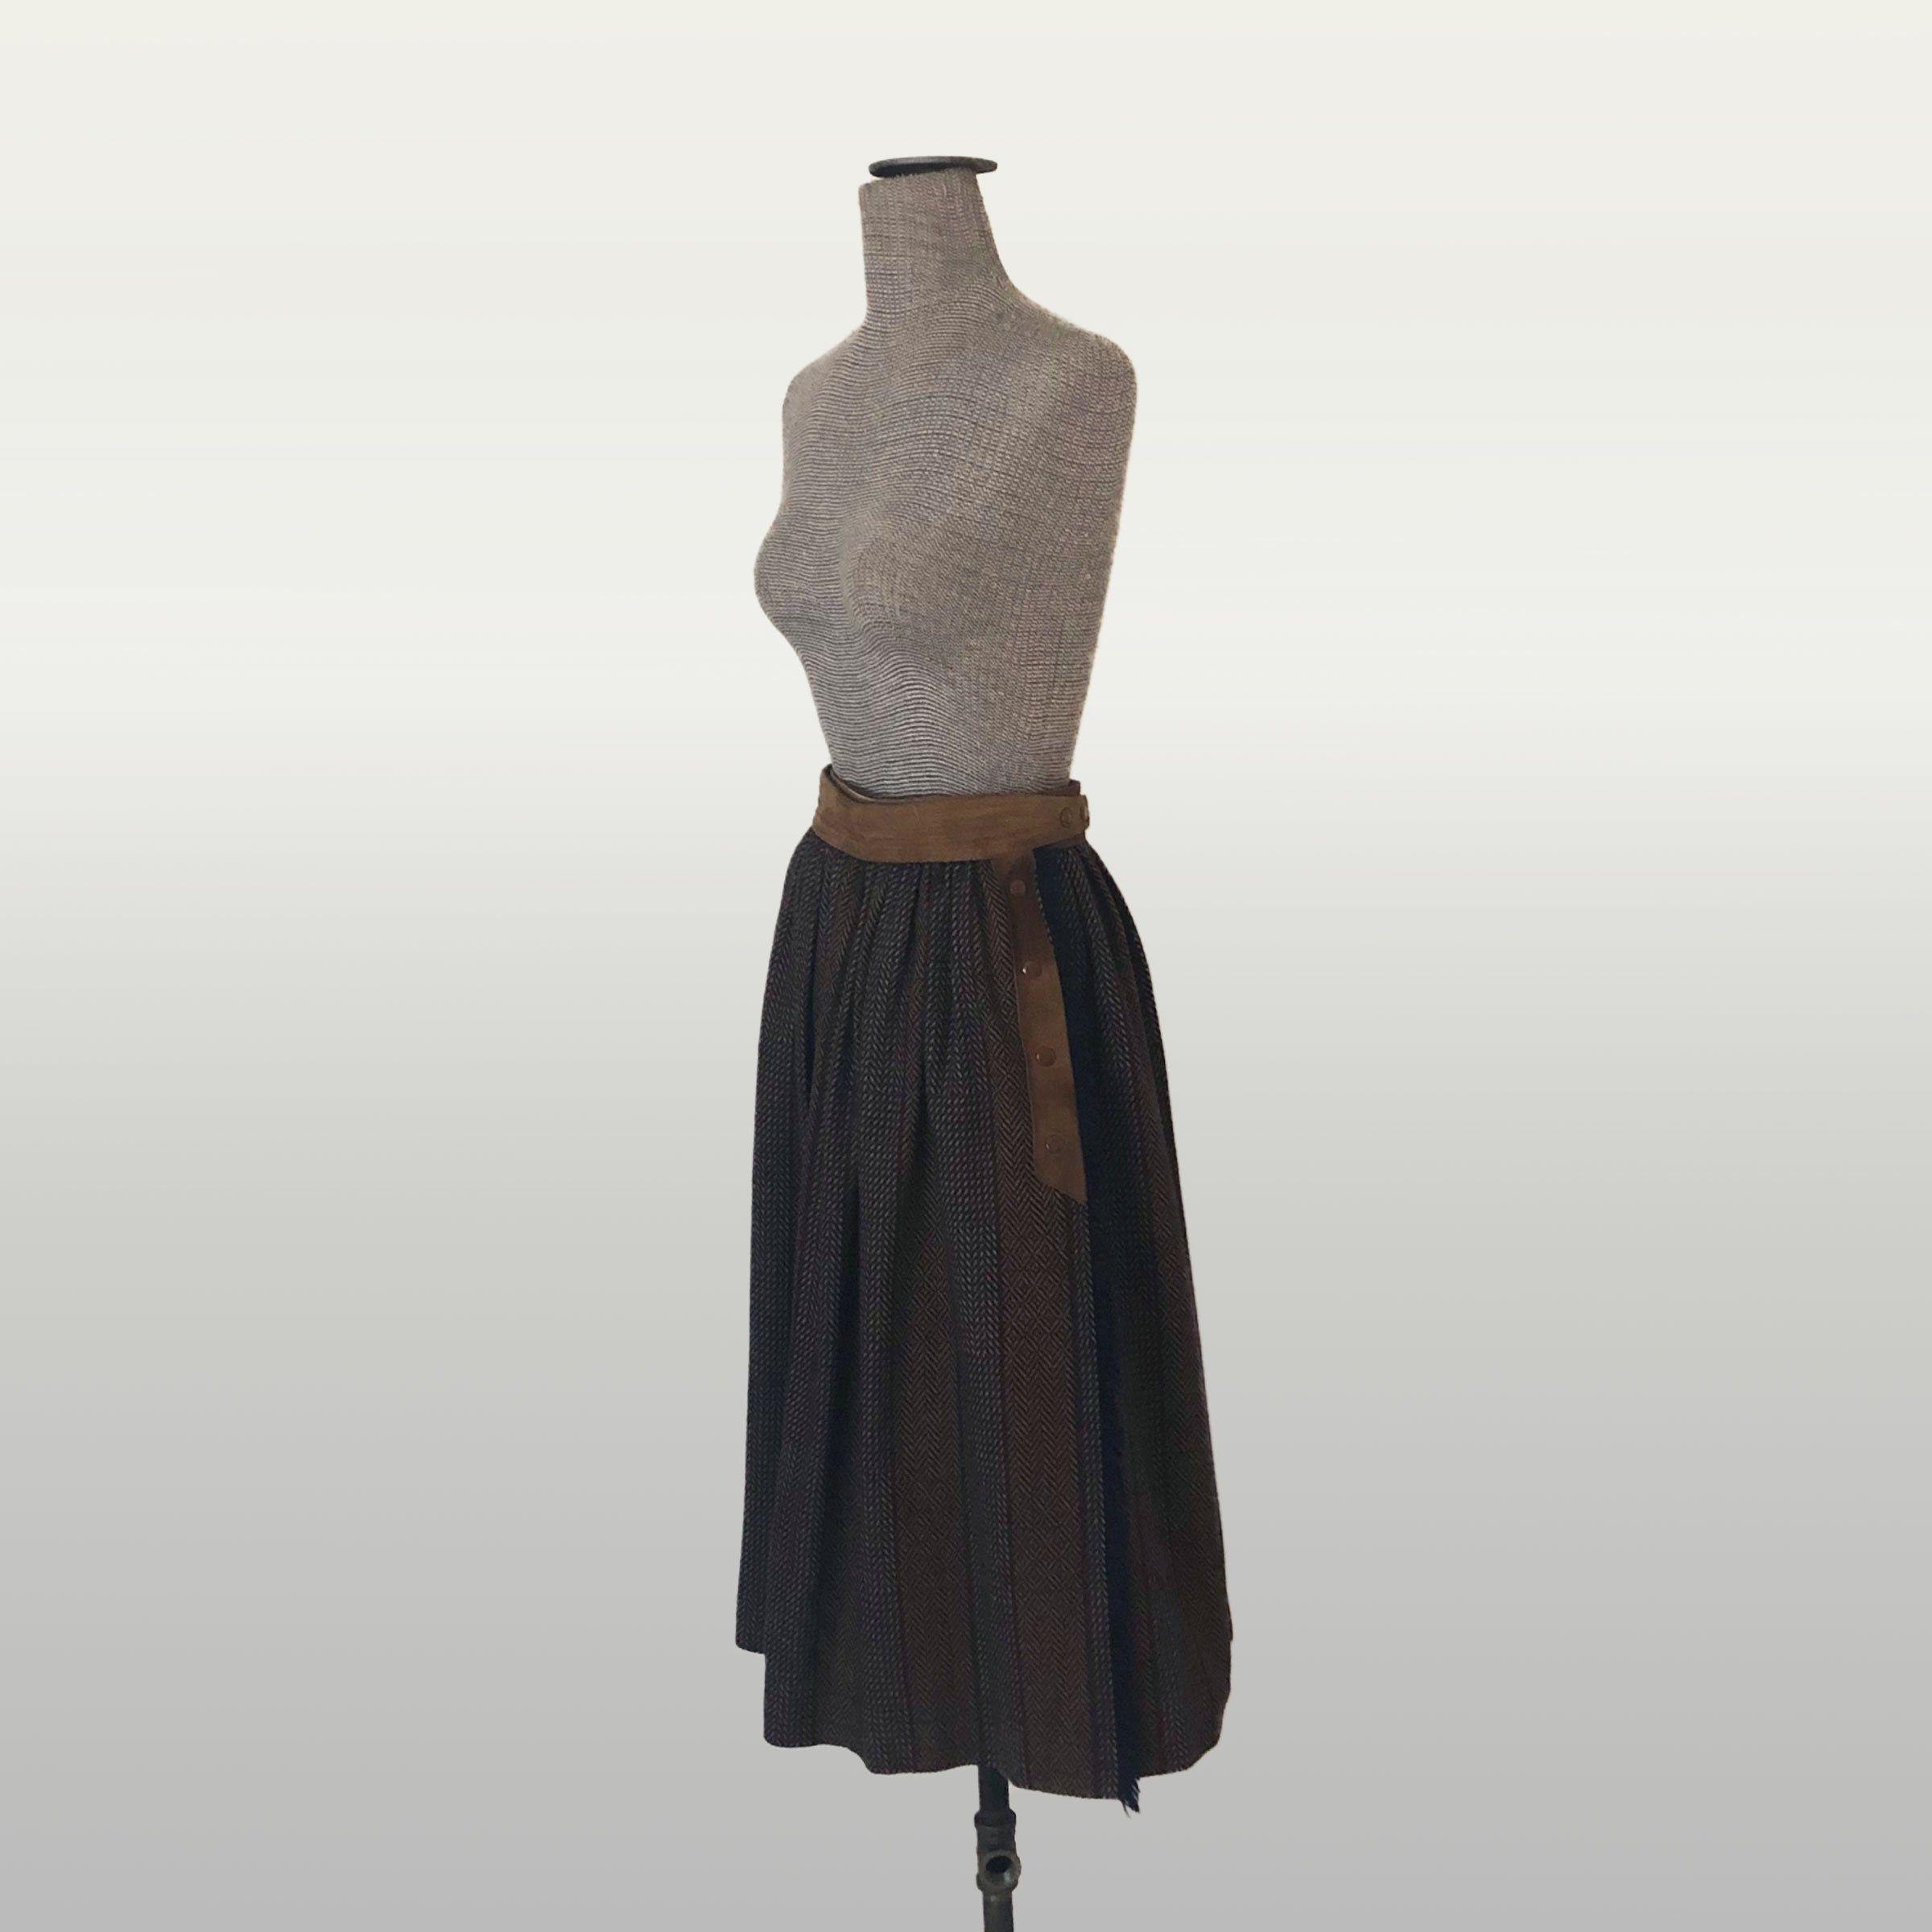 70s High Waister Vintage Woven Skirt 60s